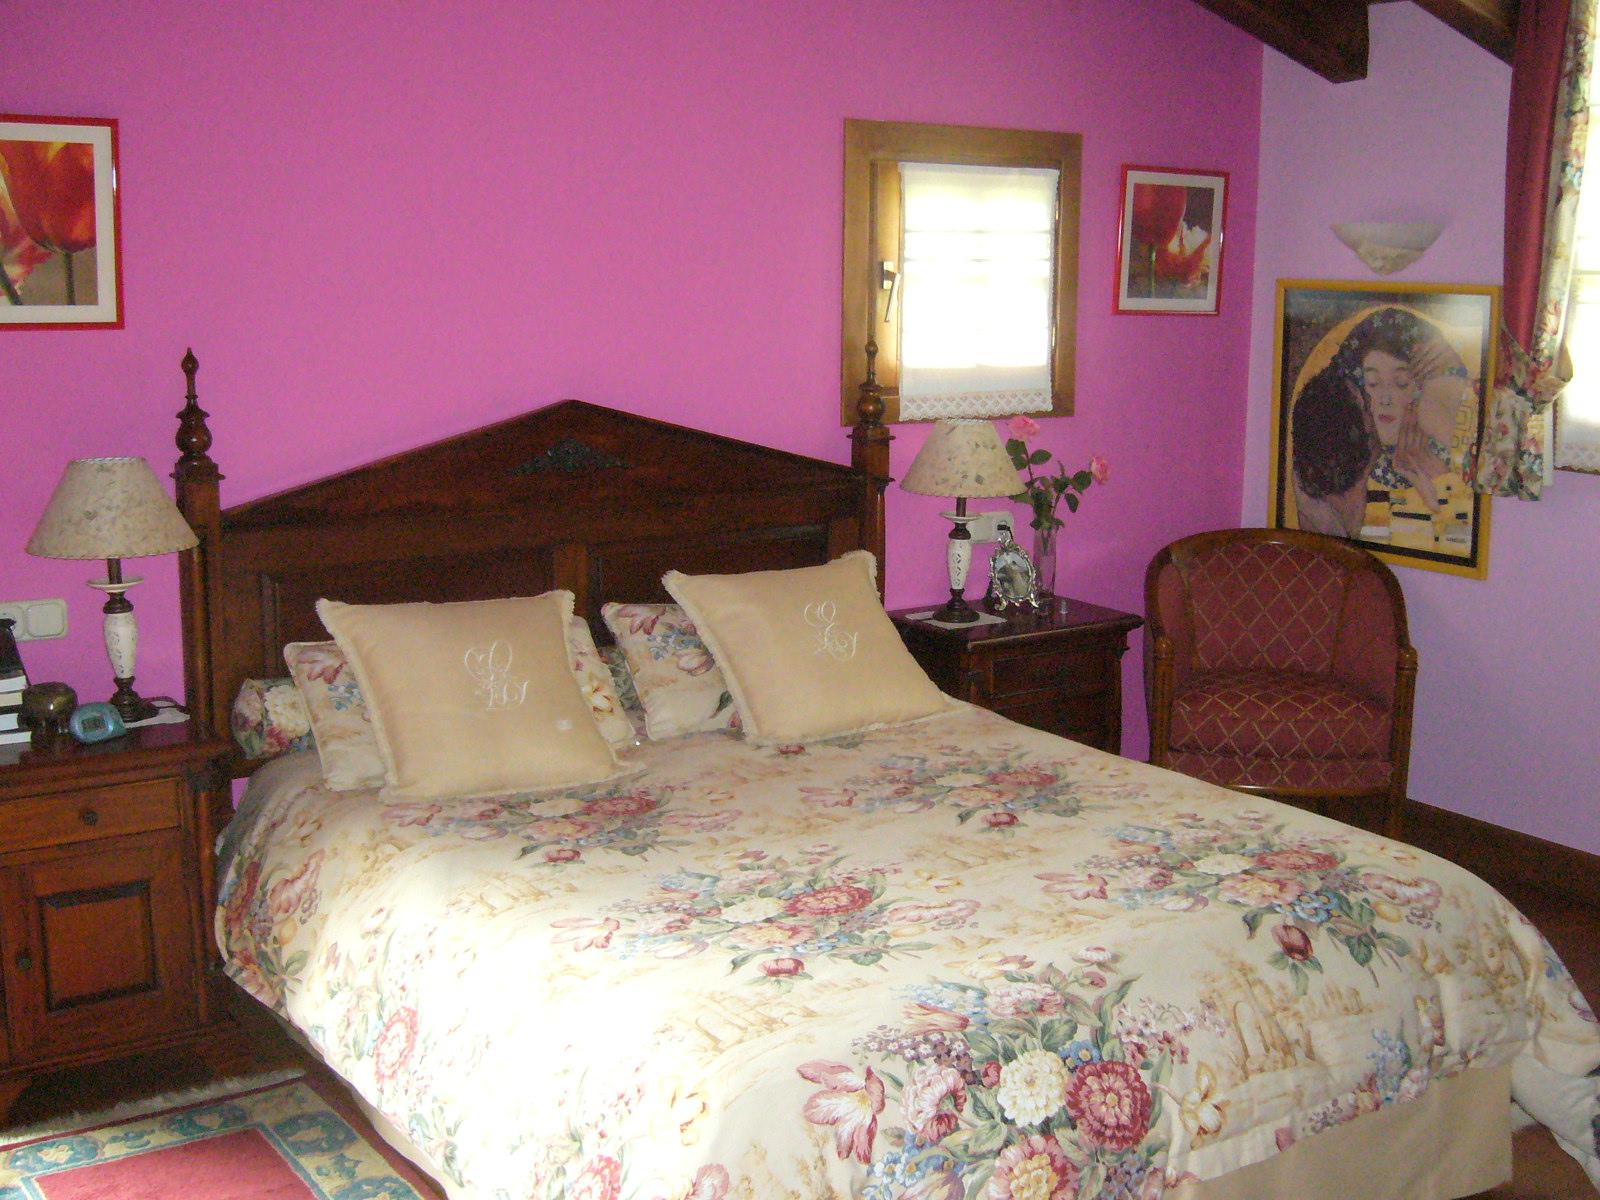 Habitacion Zen Orientacion Cama Top Feng Shui Cama With  ~ Orientacion De La Cama Para Dormir